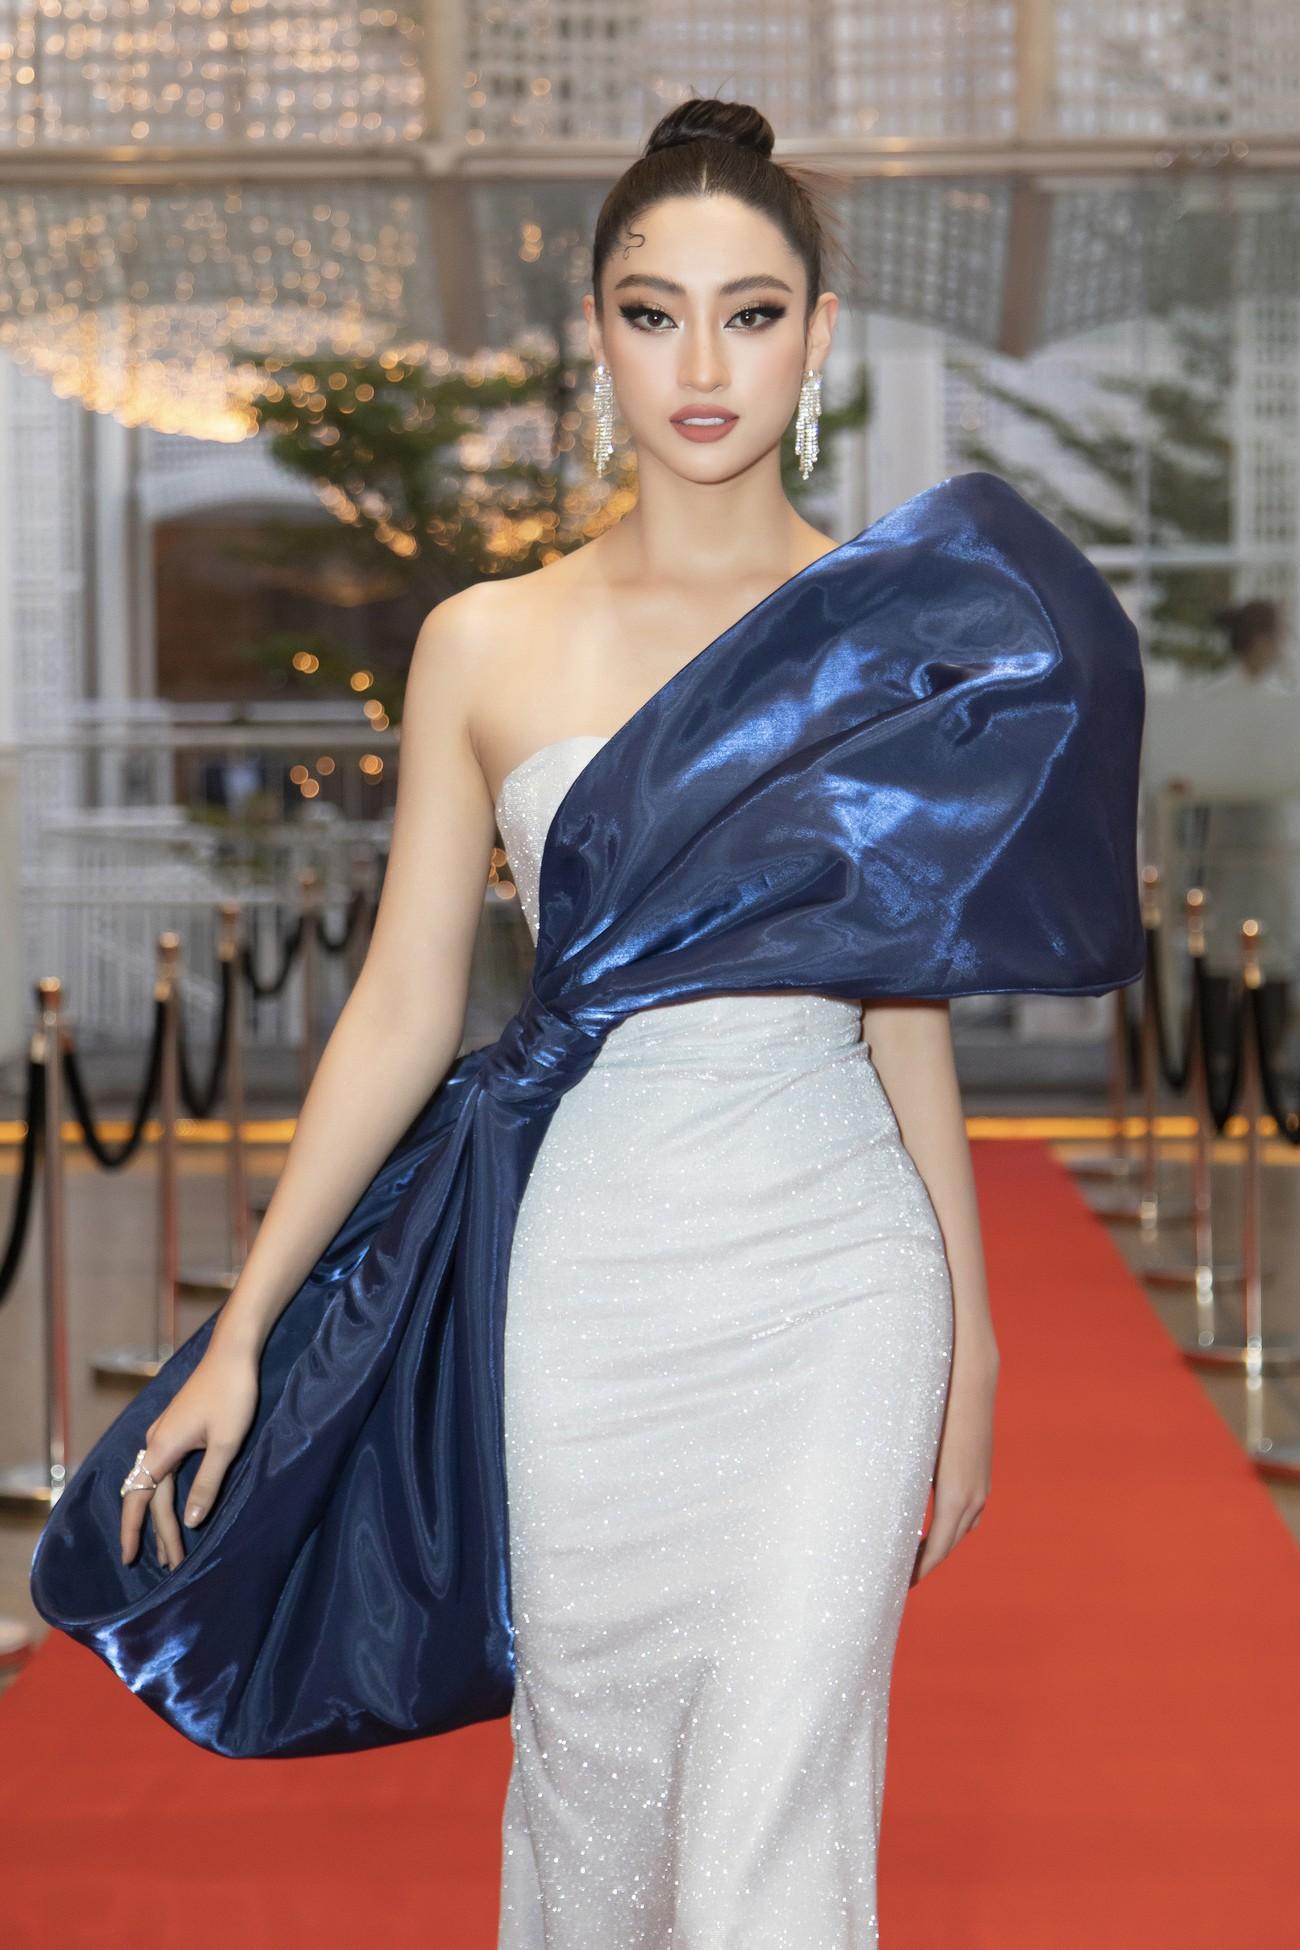 Top 3 Hoa hậu Việt Nam 2020 mặc váy cắt xẻ gợi cảm, đọ sắc Lương Thuỳ Linh-Kiều Loan ảnh 13